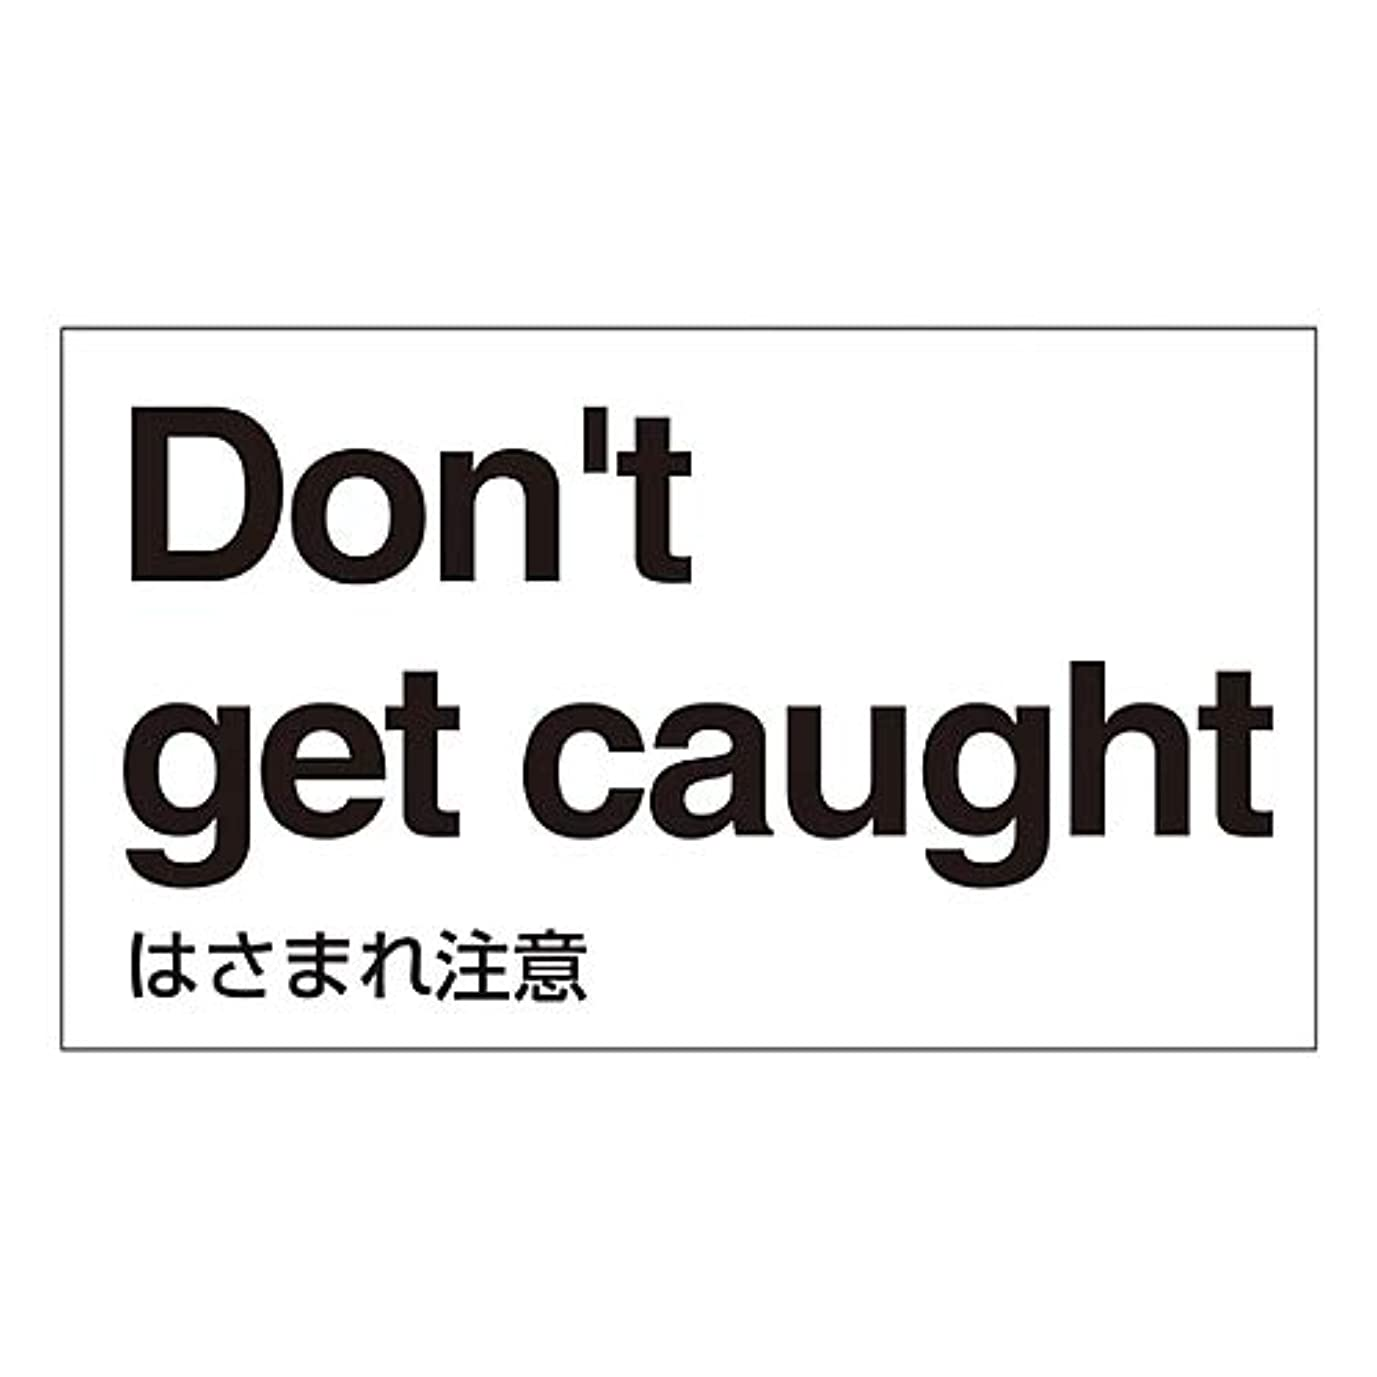 鯨アンカー爆発する外国語ステッカー 「Don't get caught」 GK-35 E(英語)/61-3413-68